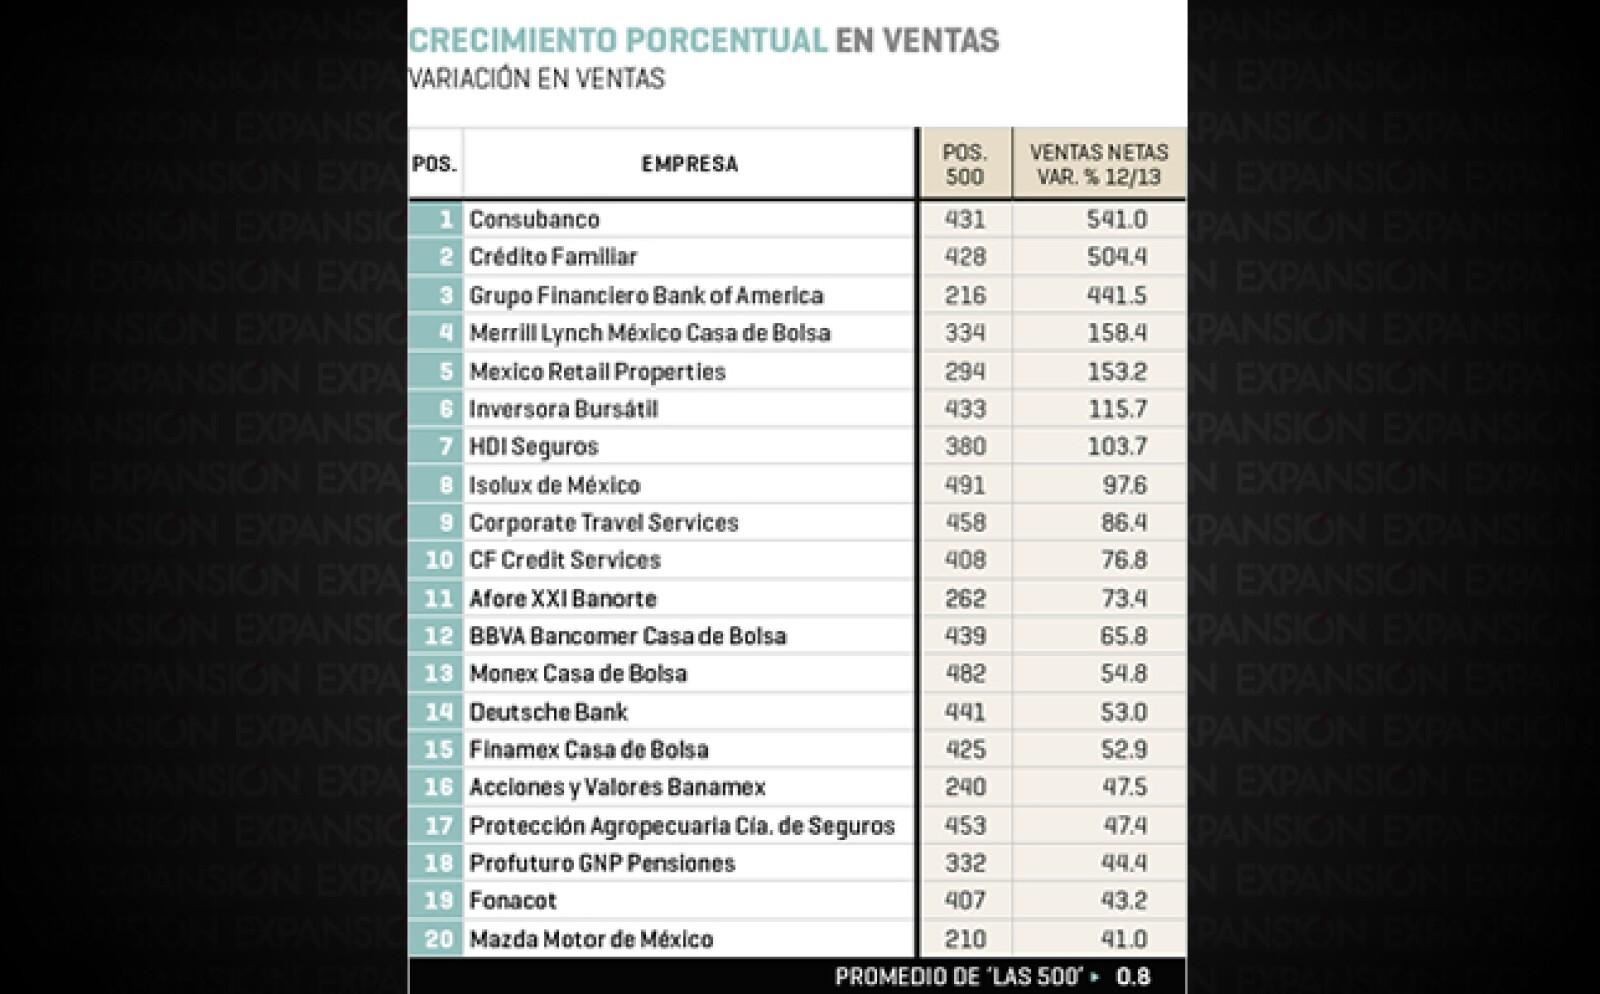 Consubanco (posición 431 en el ranking 2014 de Las 500 de Expansión), Crédito Familiar (428) y Grupo Financiero Bank of America (216) encabezan la lista de las 20 empresas de mayor crecimiento porcentual en ventas.